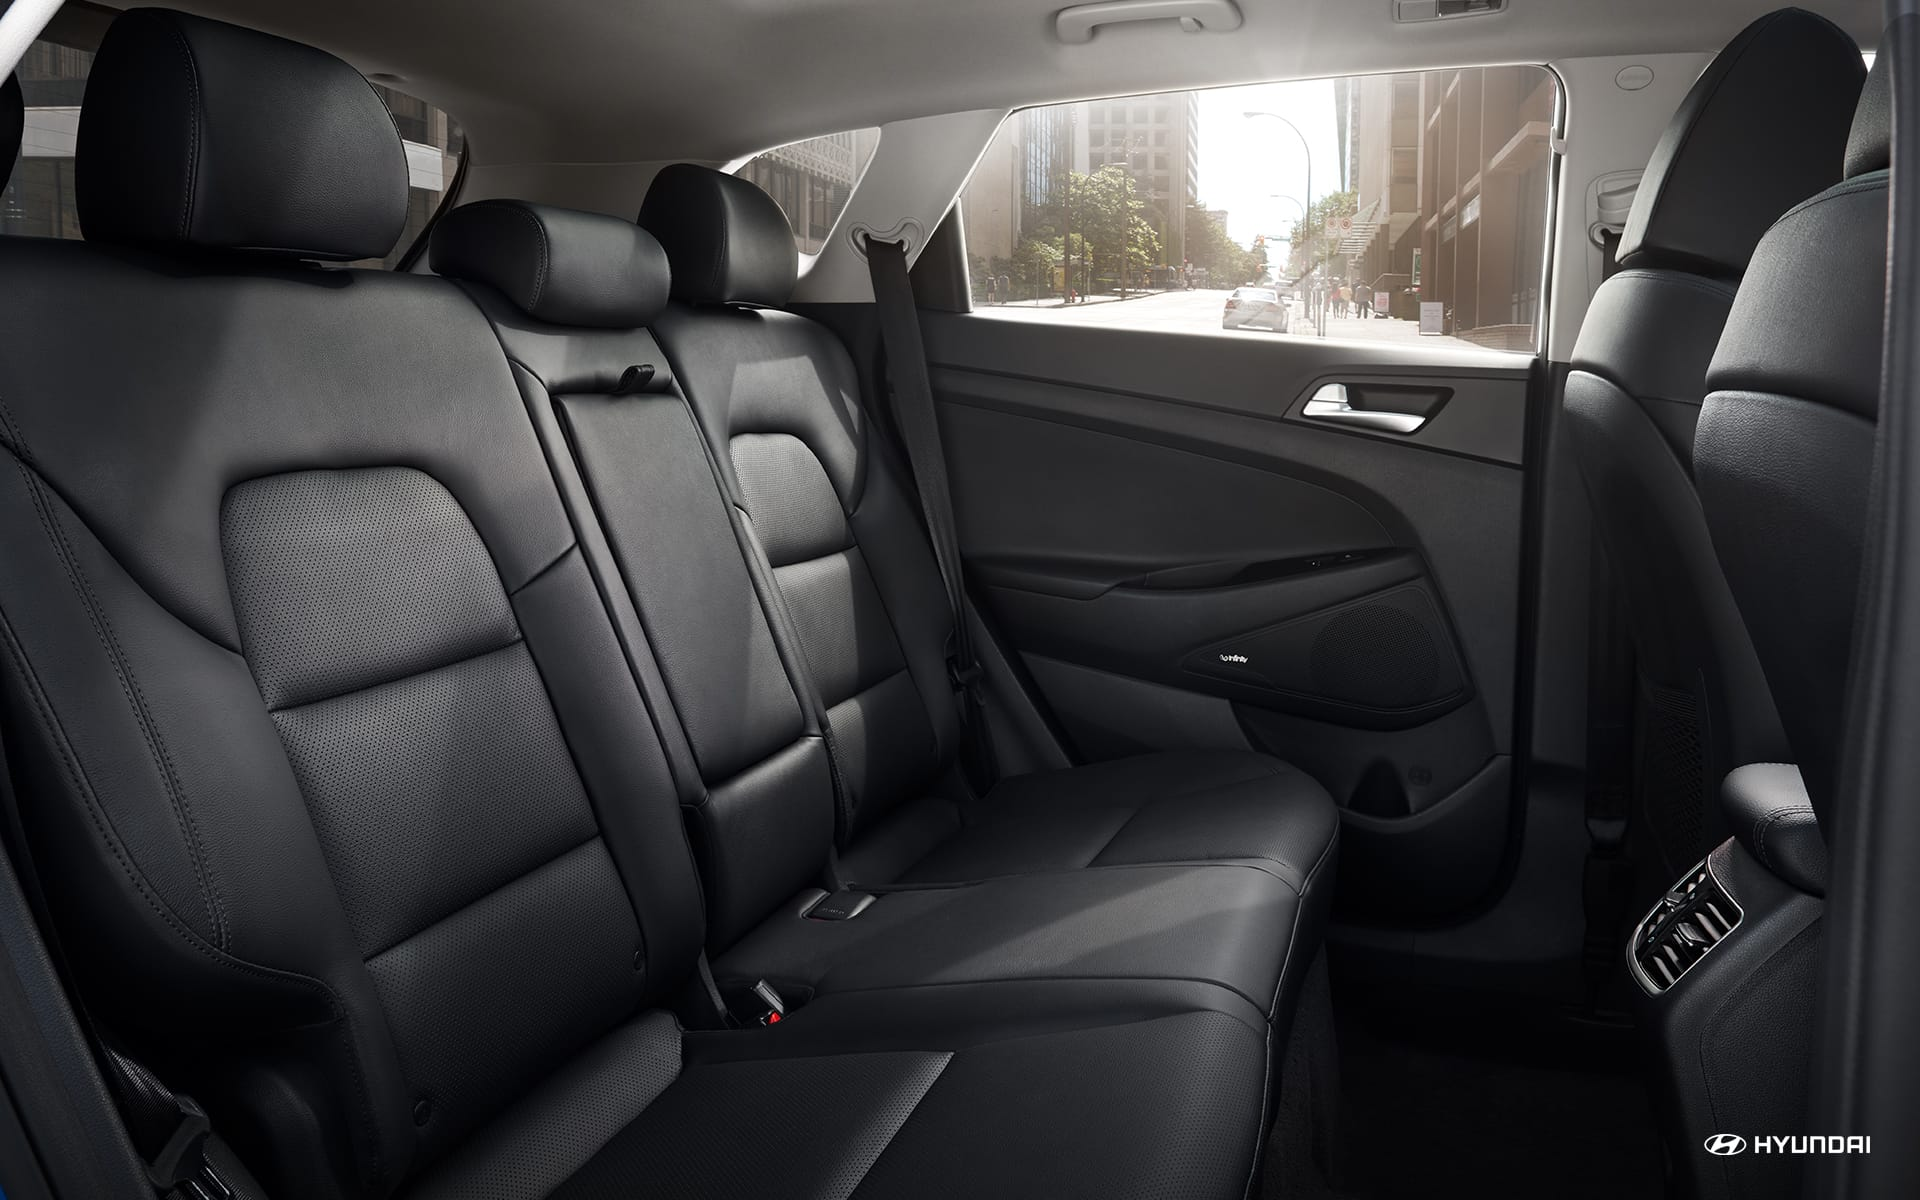 Roomy Backseat of the Hyundai Tucson